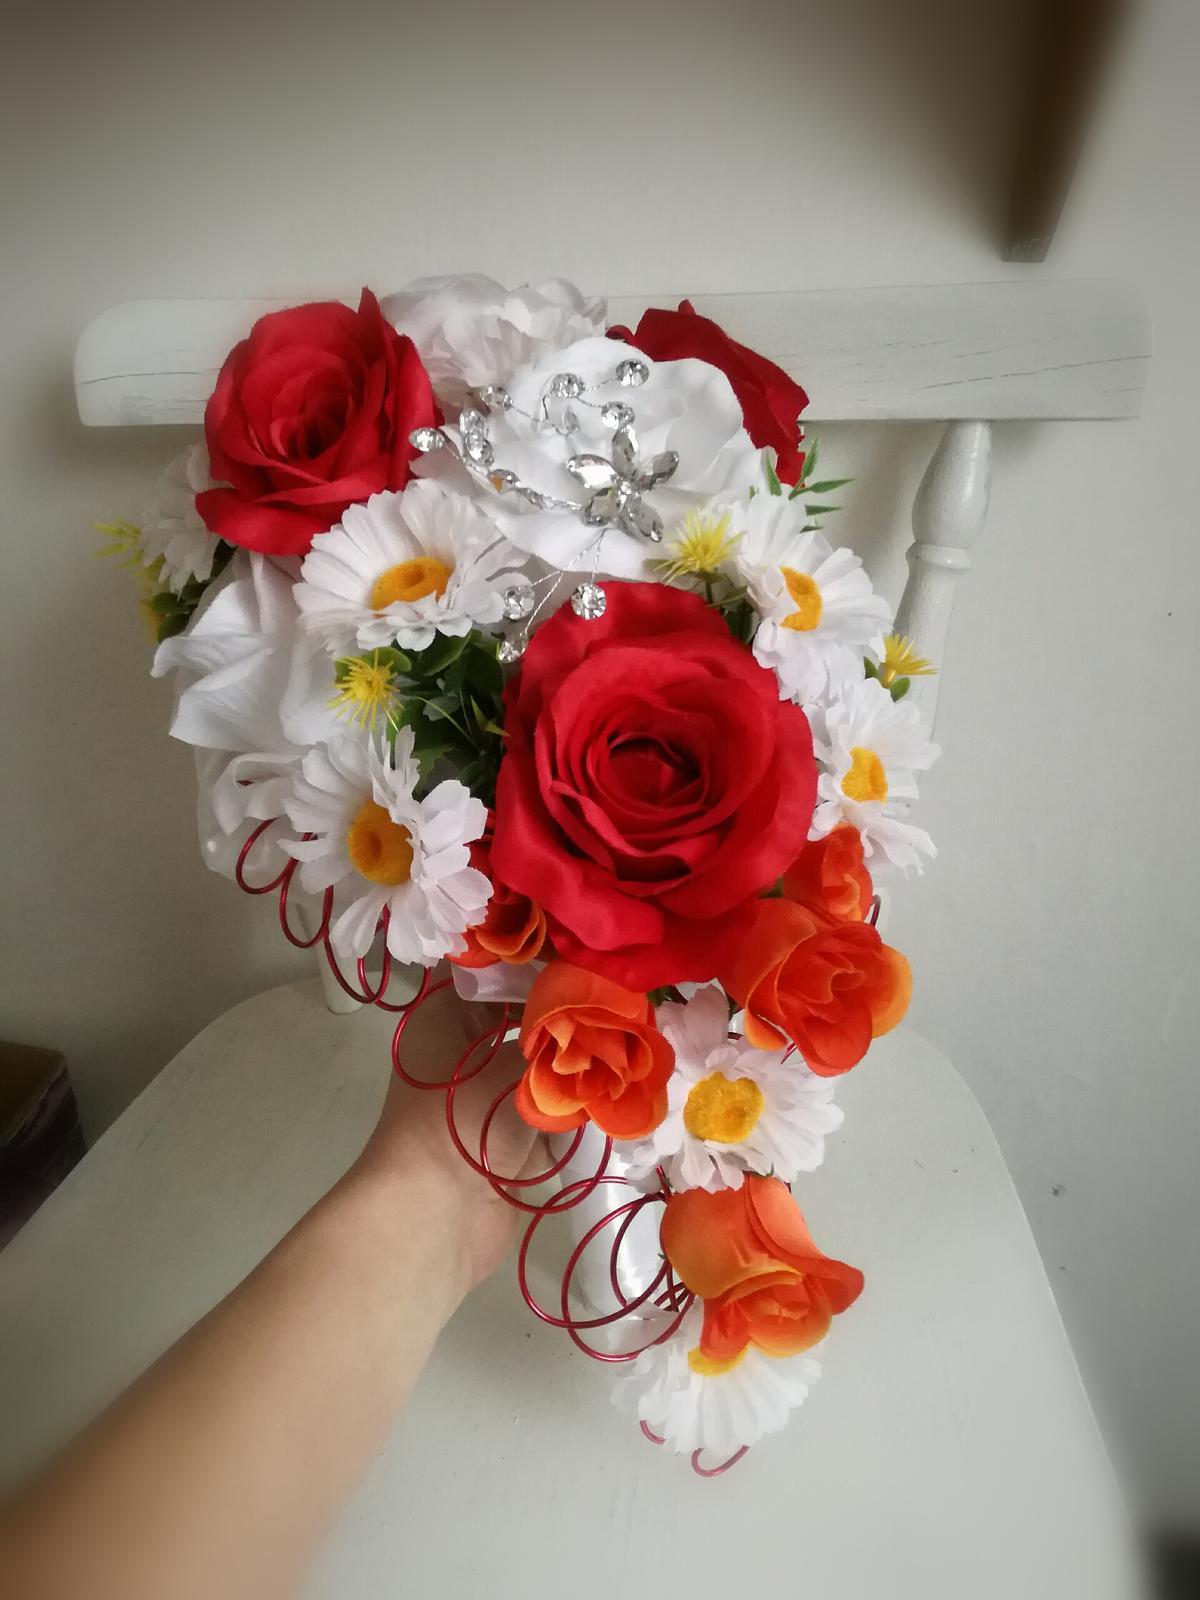 Z umelých kvetov - Obrázok č. 7